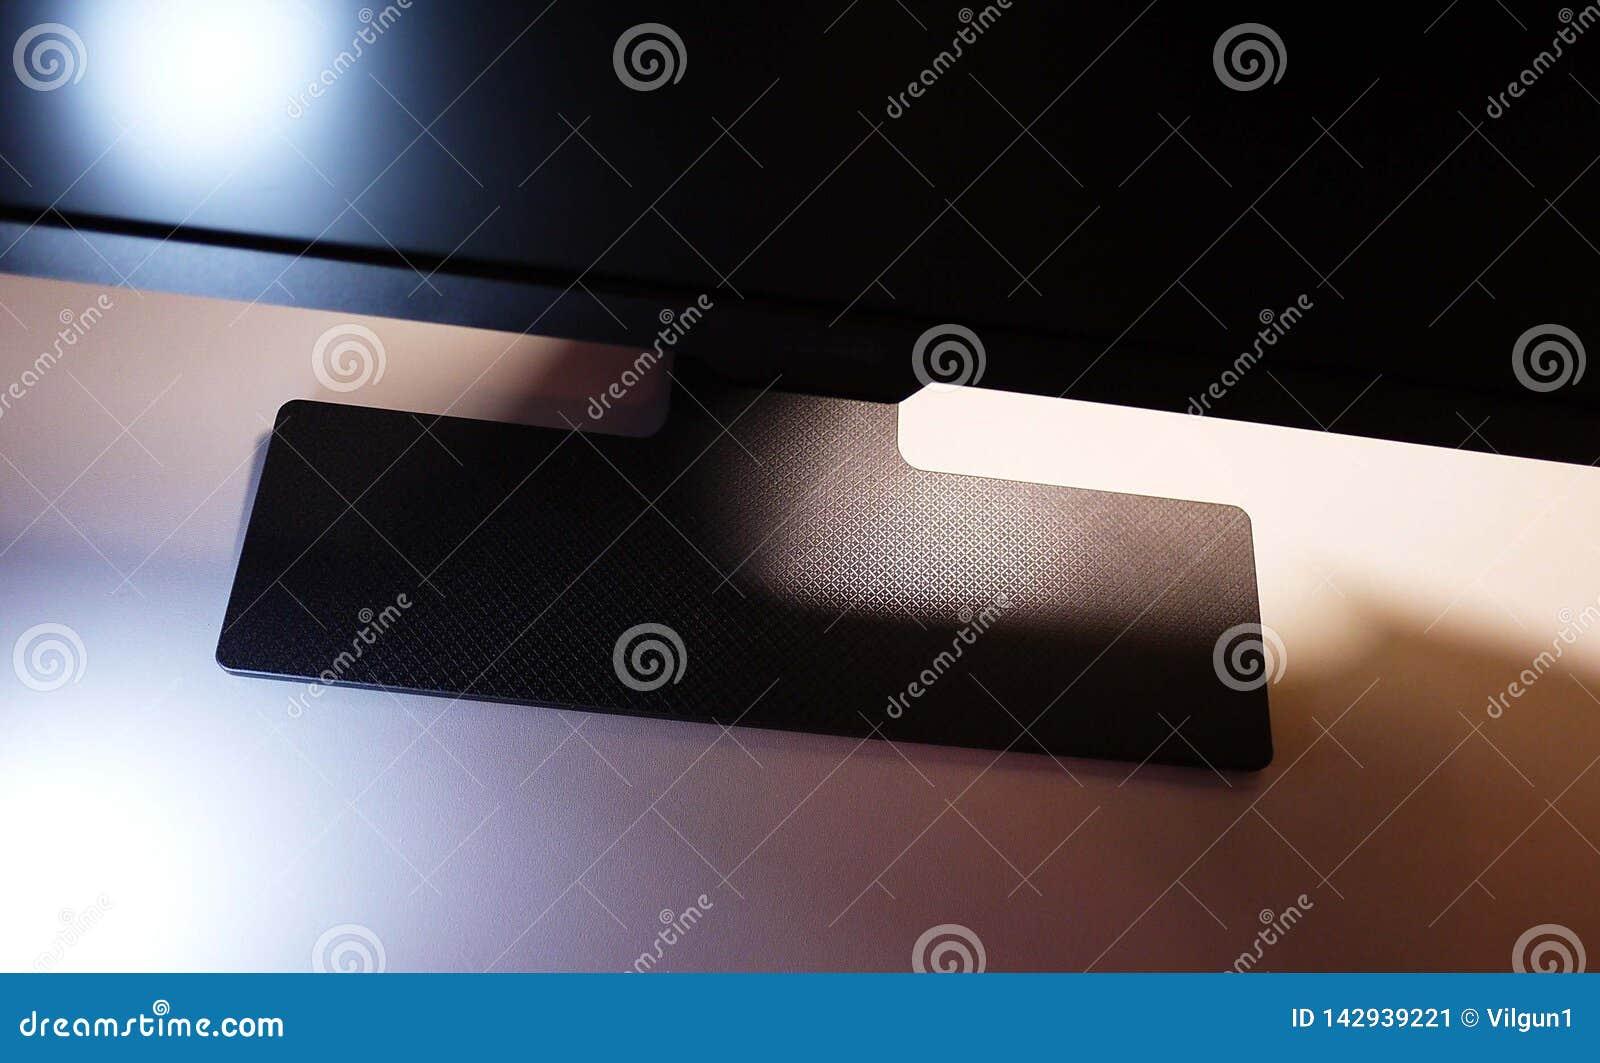 LCD IPS monitor dla komputeru domowego, desktop z komputerem osobistym i monitoru z wielką przekątną,